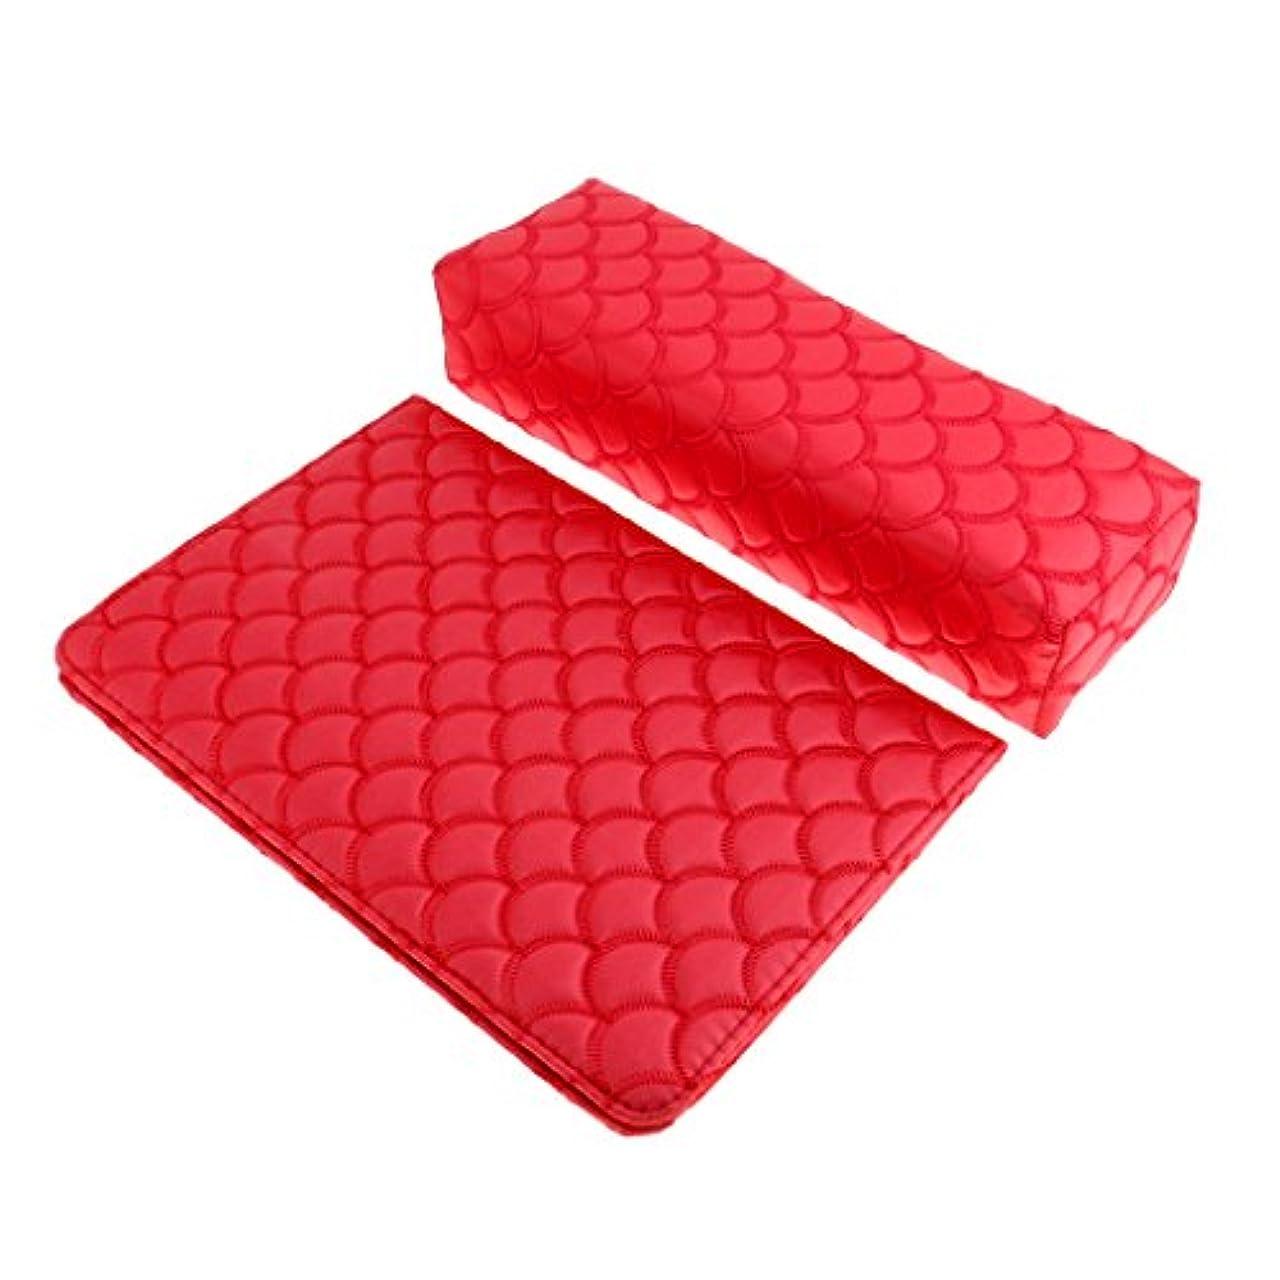 知っているに立ち寄る掃除放牧するソフト ハンドクッション ネイルピロー パッド ネイルアート デザイン マニキュア アームレストホルダー 多色選べる - 赤